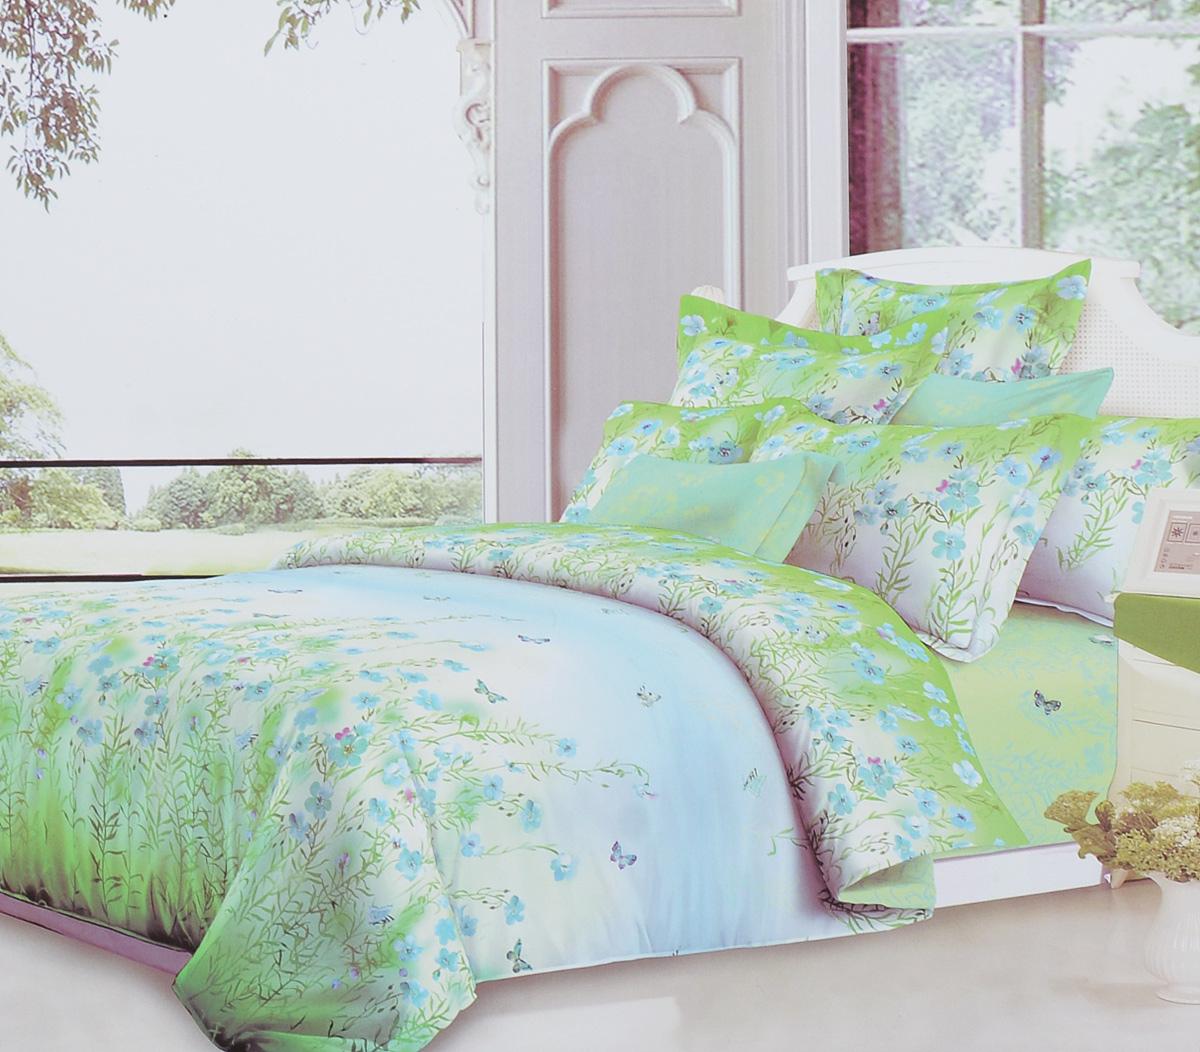 Комплект белья Primavera Classic Наслаждение, 1,5-спальный, наволочки 70х7088766Комплект постельного белья Primavera Classic Наслаждение является экологически безопасным для всей семьи, так как выполнен из высококачественного сатина (100% хлопка). Комплект состоит из пододеяльника на молнии, простыни и двух наволочек. Постельное белье оформлено ярким рисунком цветов и имеет изысканный внешний вид. Сатин - производится из высших сортов хлопка, а своим блеском и легкостью напоминает шелк. Постельное белье из сатина превращает жаркие летние ночи в прохладные и освежающие, а холодные зимние - в теплые и согревающие. Приобретая комплект постельного белья Primavera Classic Наслаждение, вы можете быть уверенны в том, что покупка доставит вам и вашим близким удовольствие и подарит максимальный комфорт.